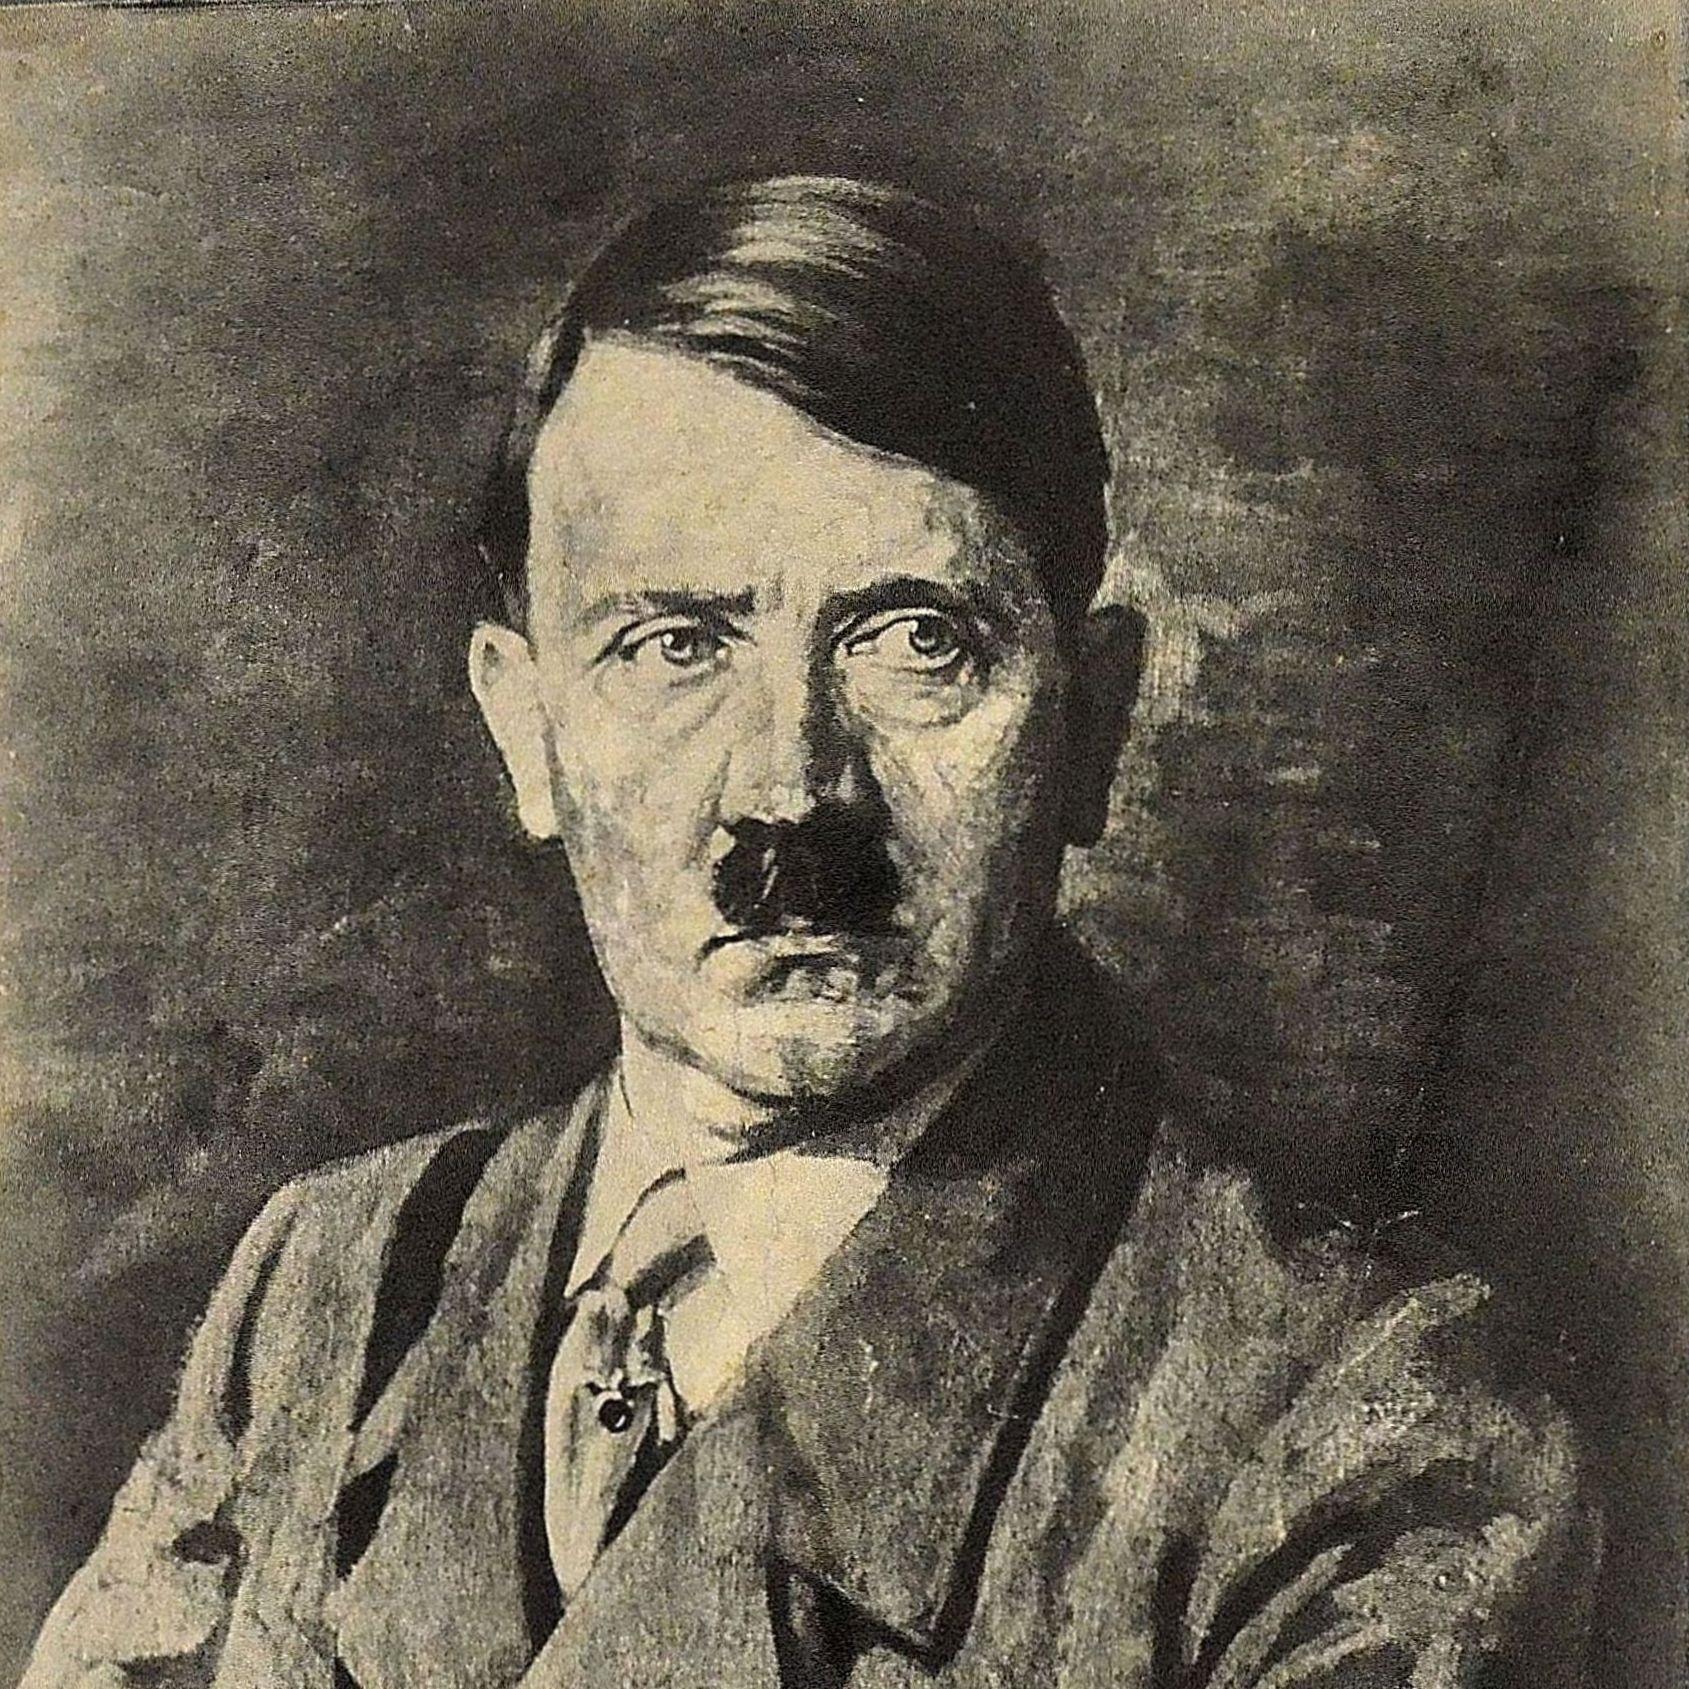 W otoczeniu Adolfa Hitlera pojawiali się najróżniejsi ludzie. Co o nim myśleli?